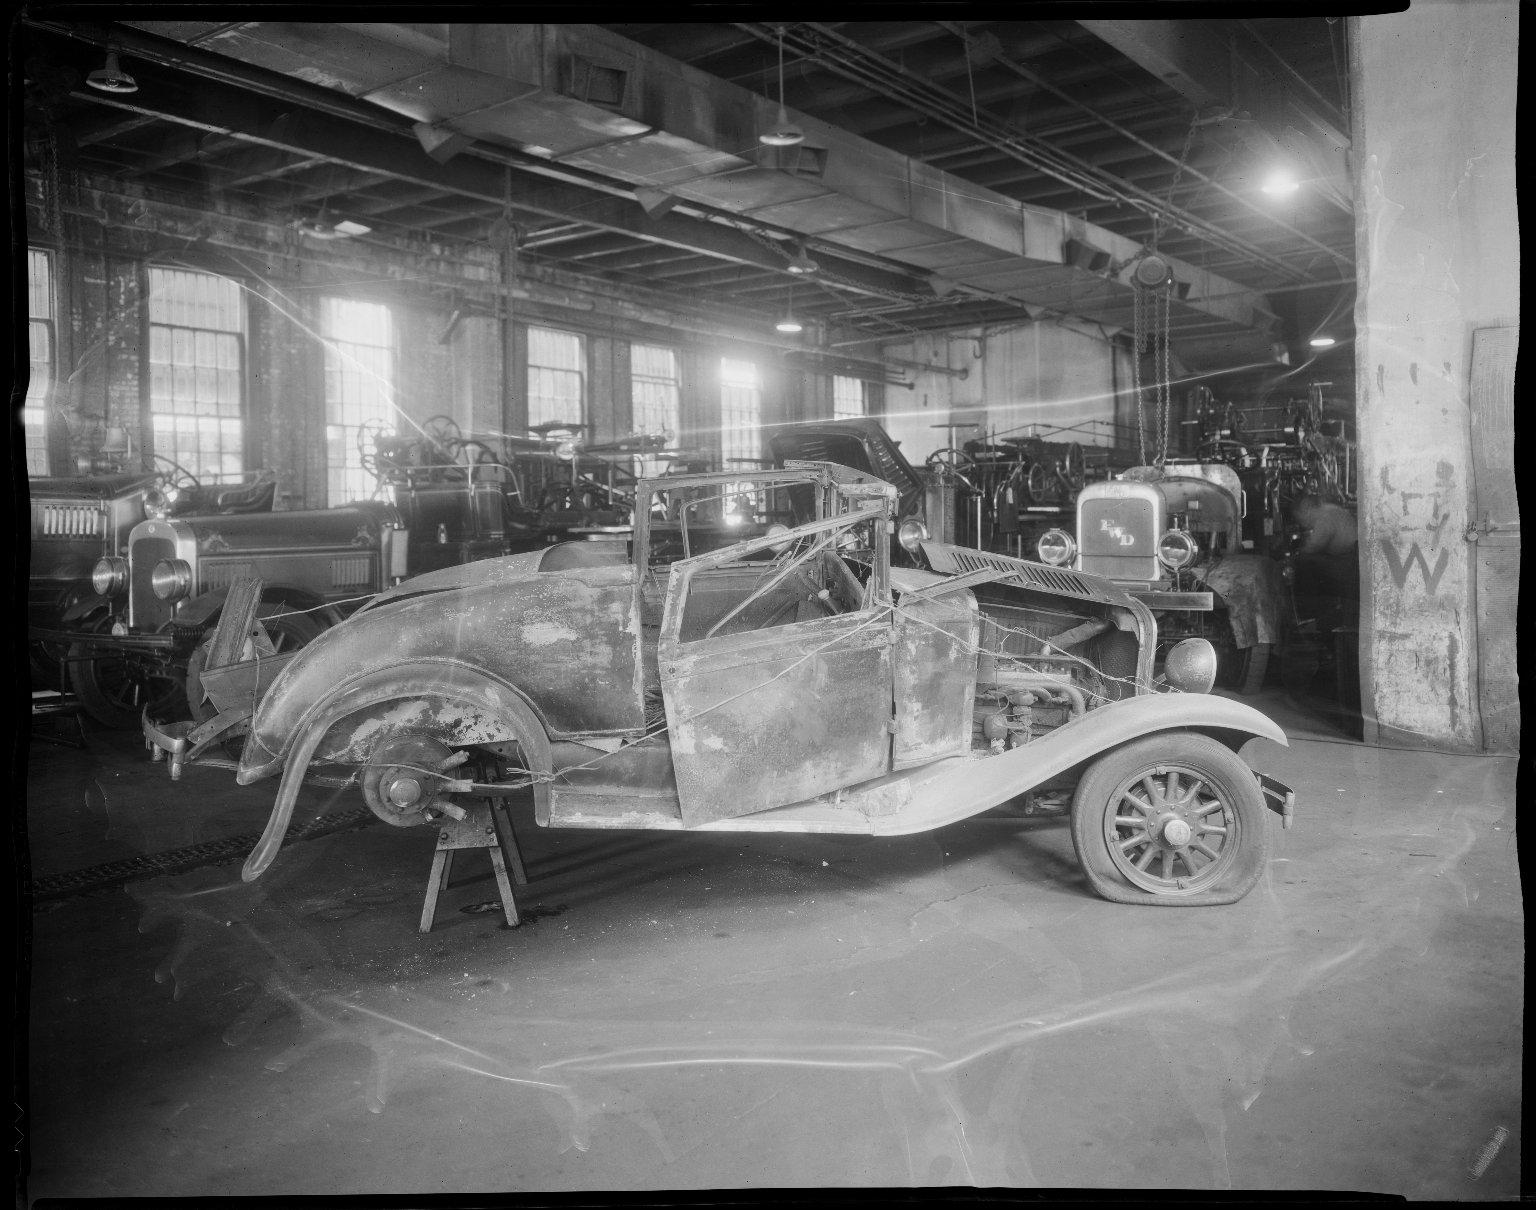 Поврежденный во время пожара на Кони-Айленд автомобиль шефа пожарной охраны. Нью-Йорк, США. 1932 год